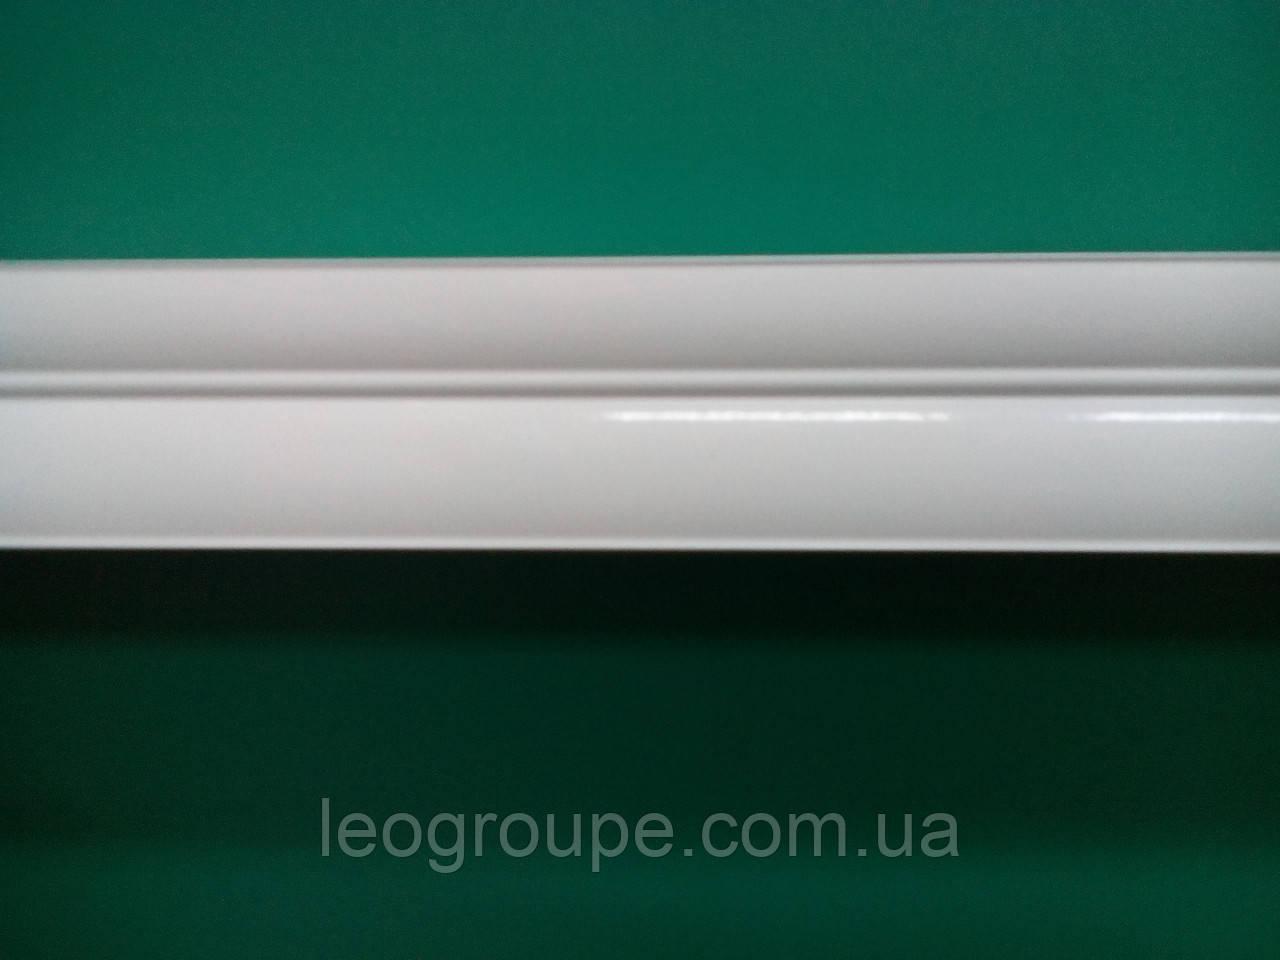 Карниз белый двойной алюминий 3,5м